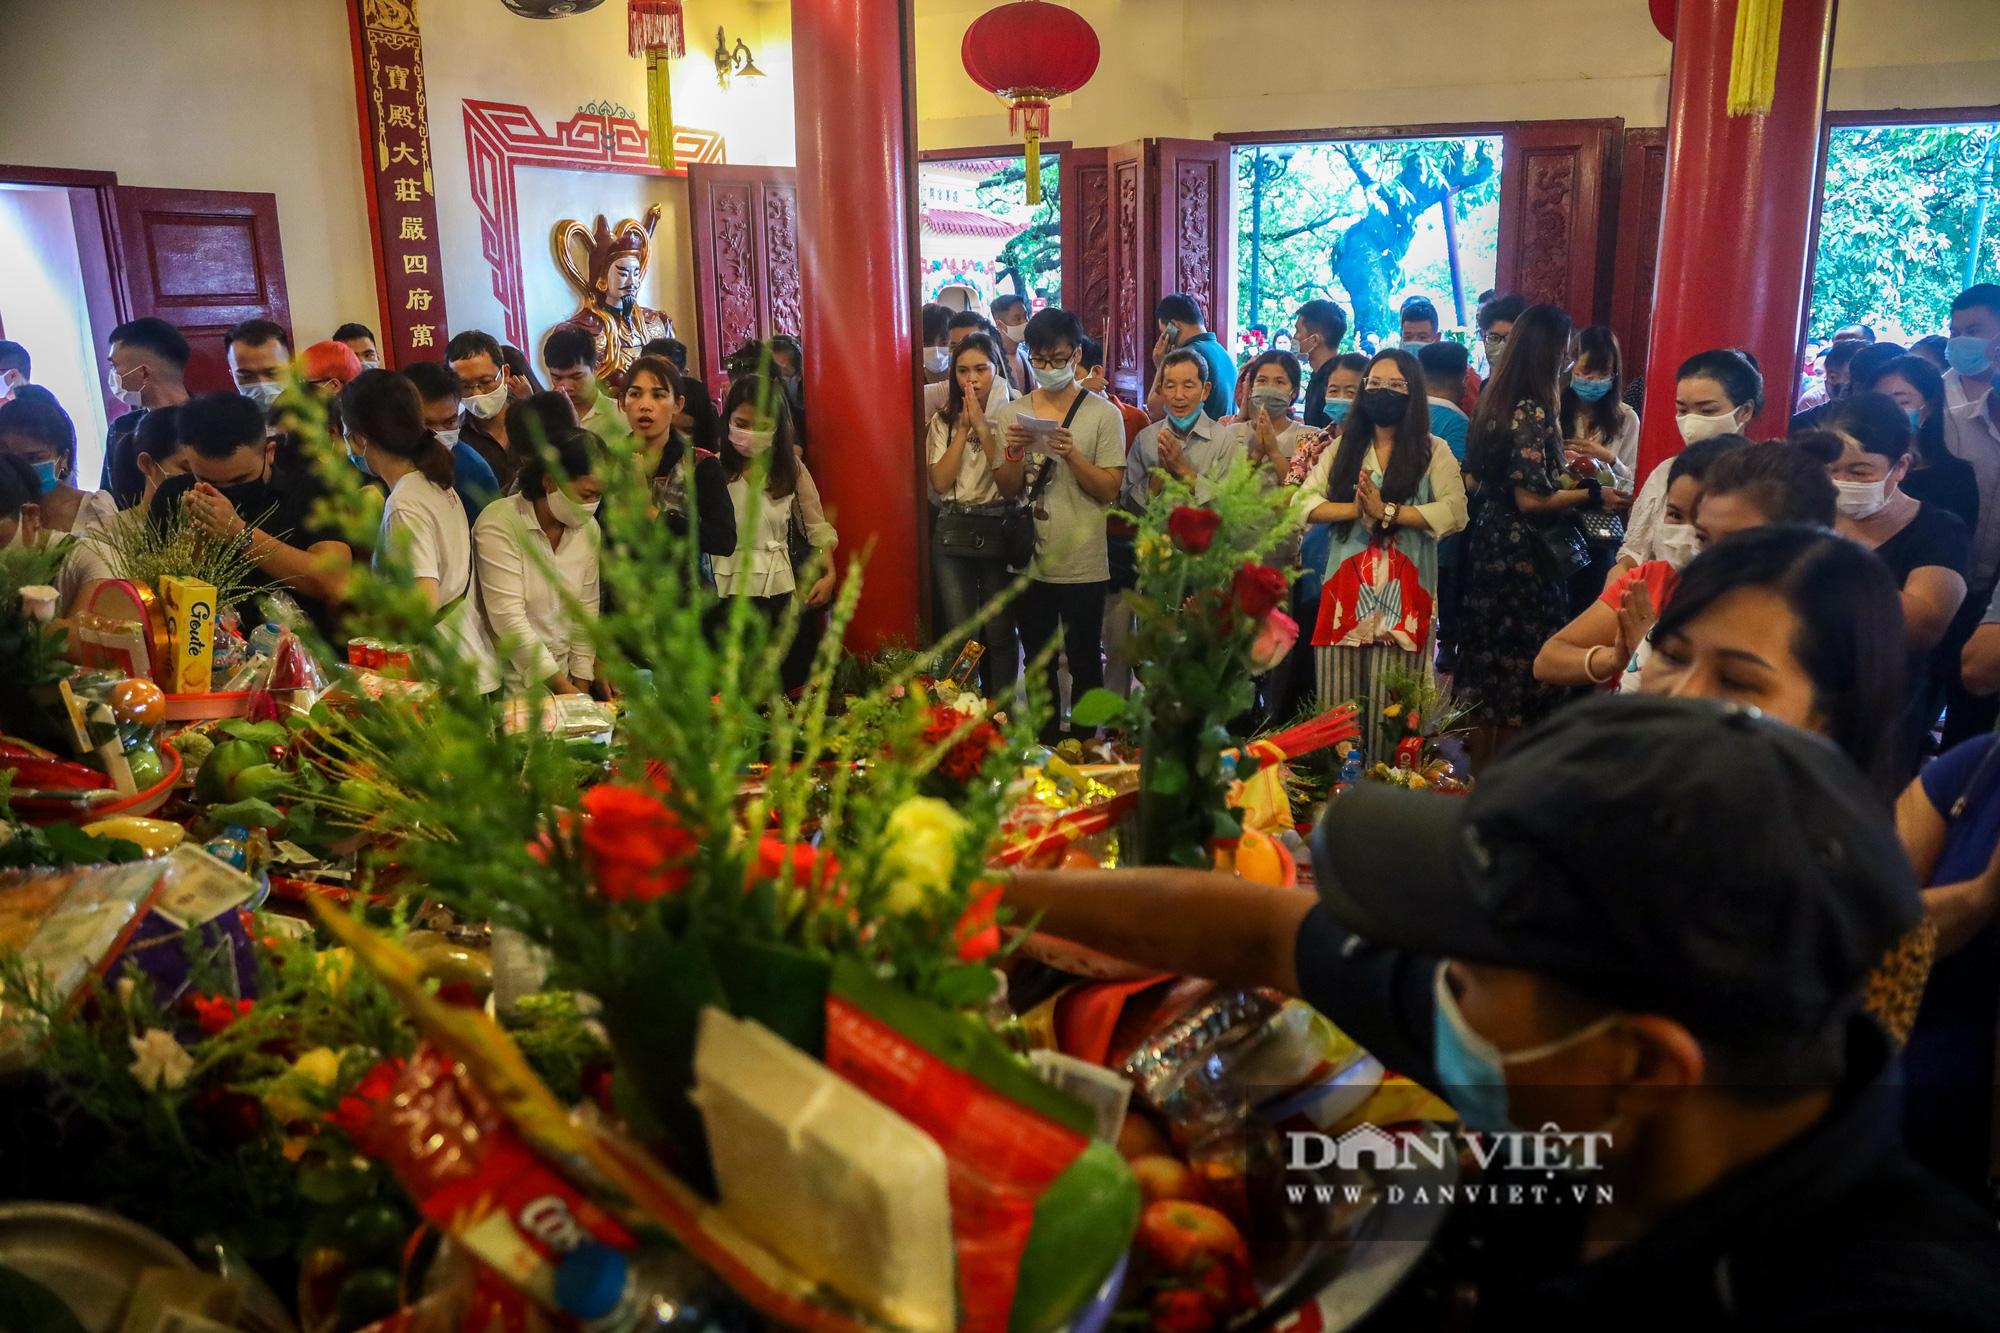 Dân đi lễ đông nghịt, Hà Nội tạm đóng cửa Phủ Tây Hồ để phòng dịch Covid-19 - Ảnh 1.